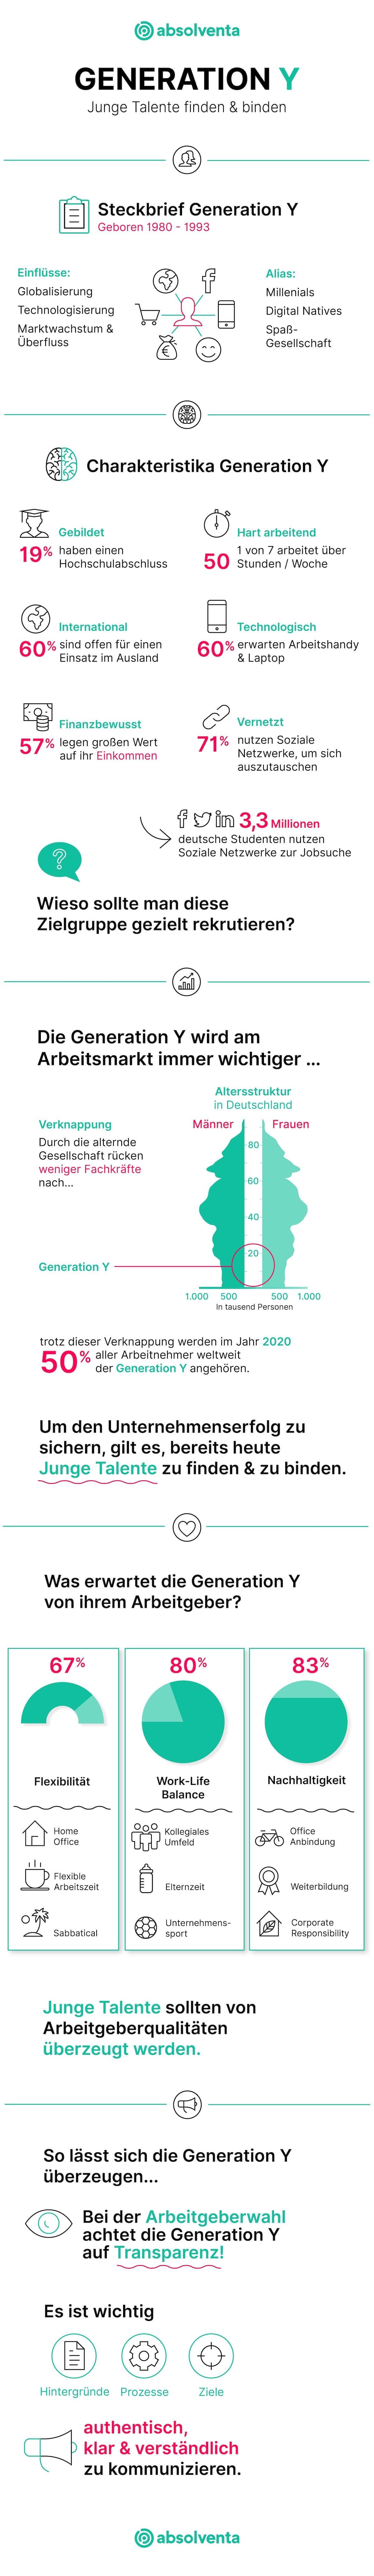 Infografik Generationen im Überblick